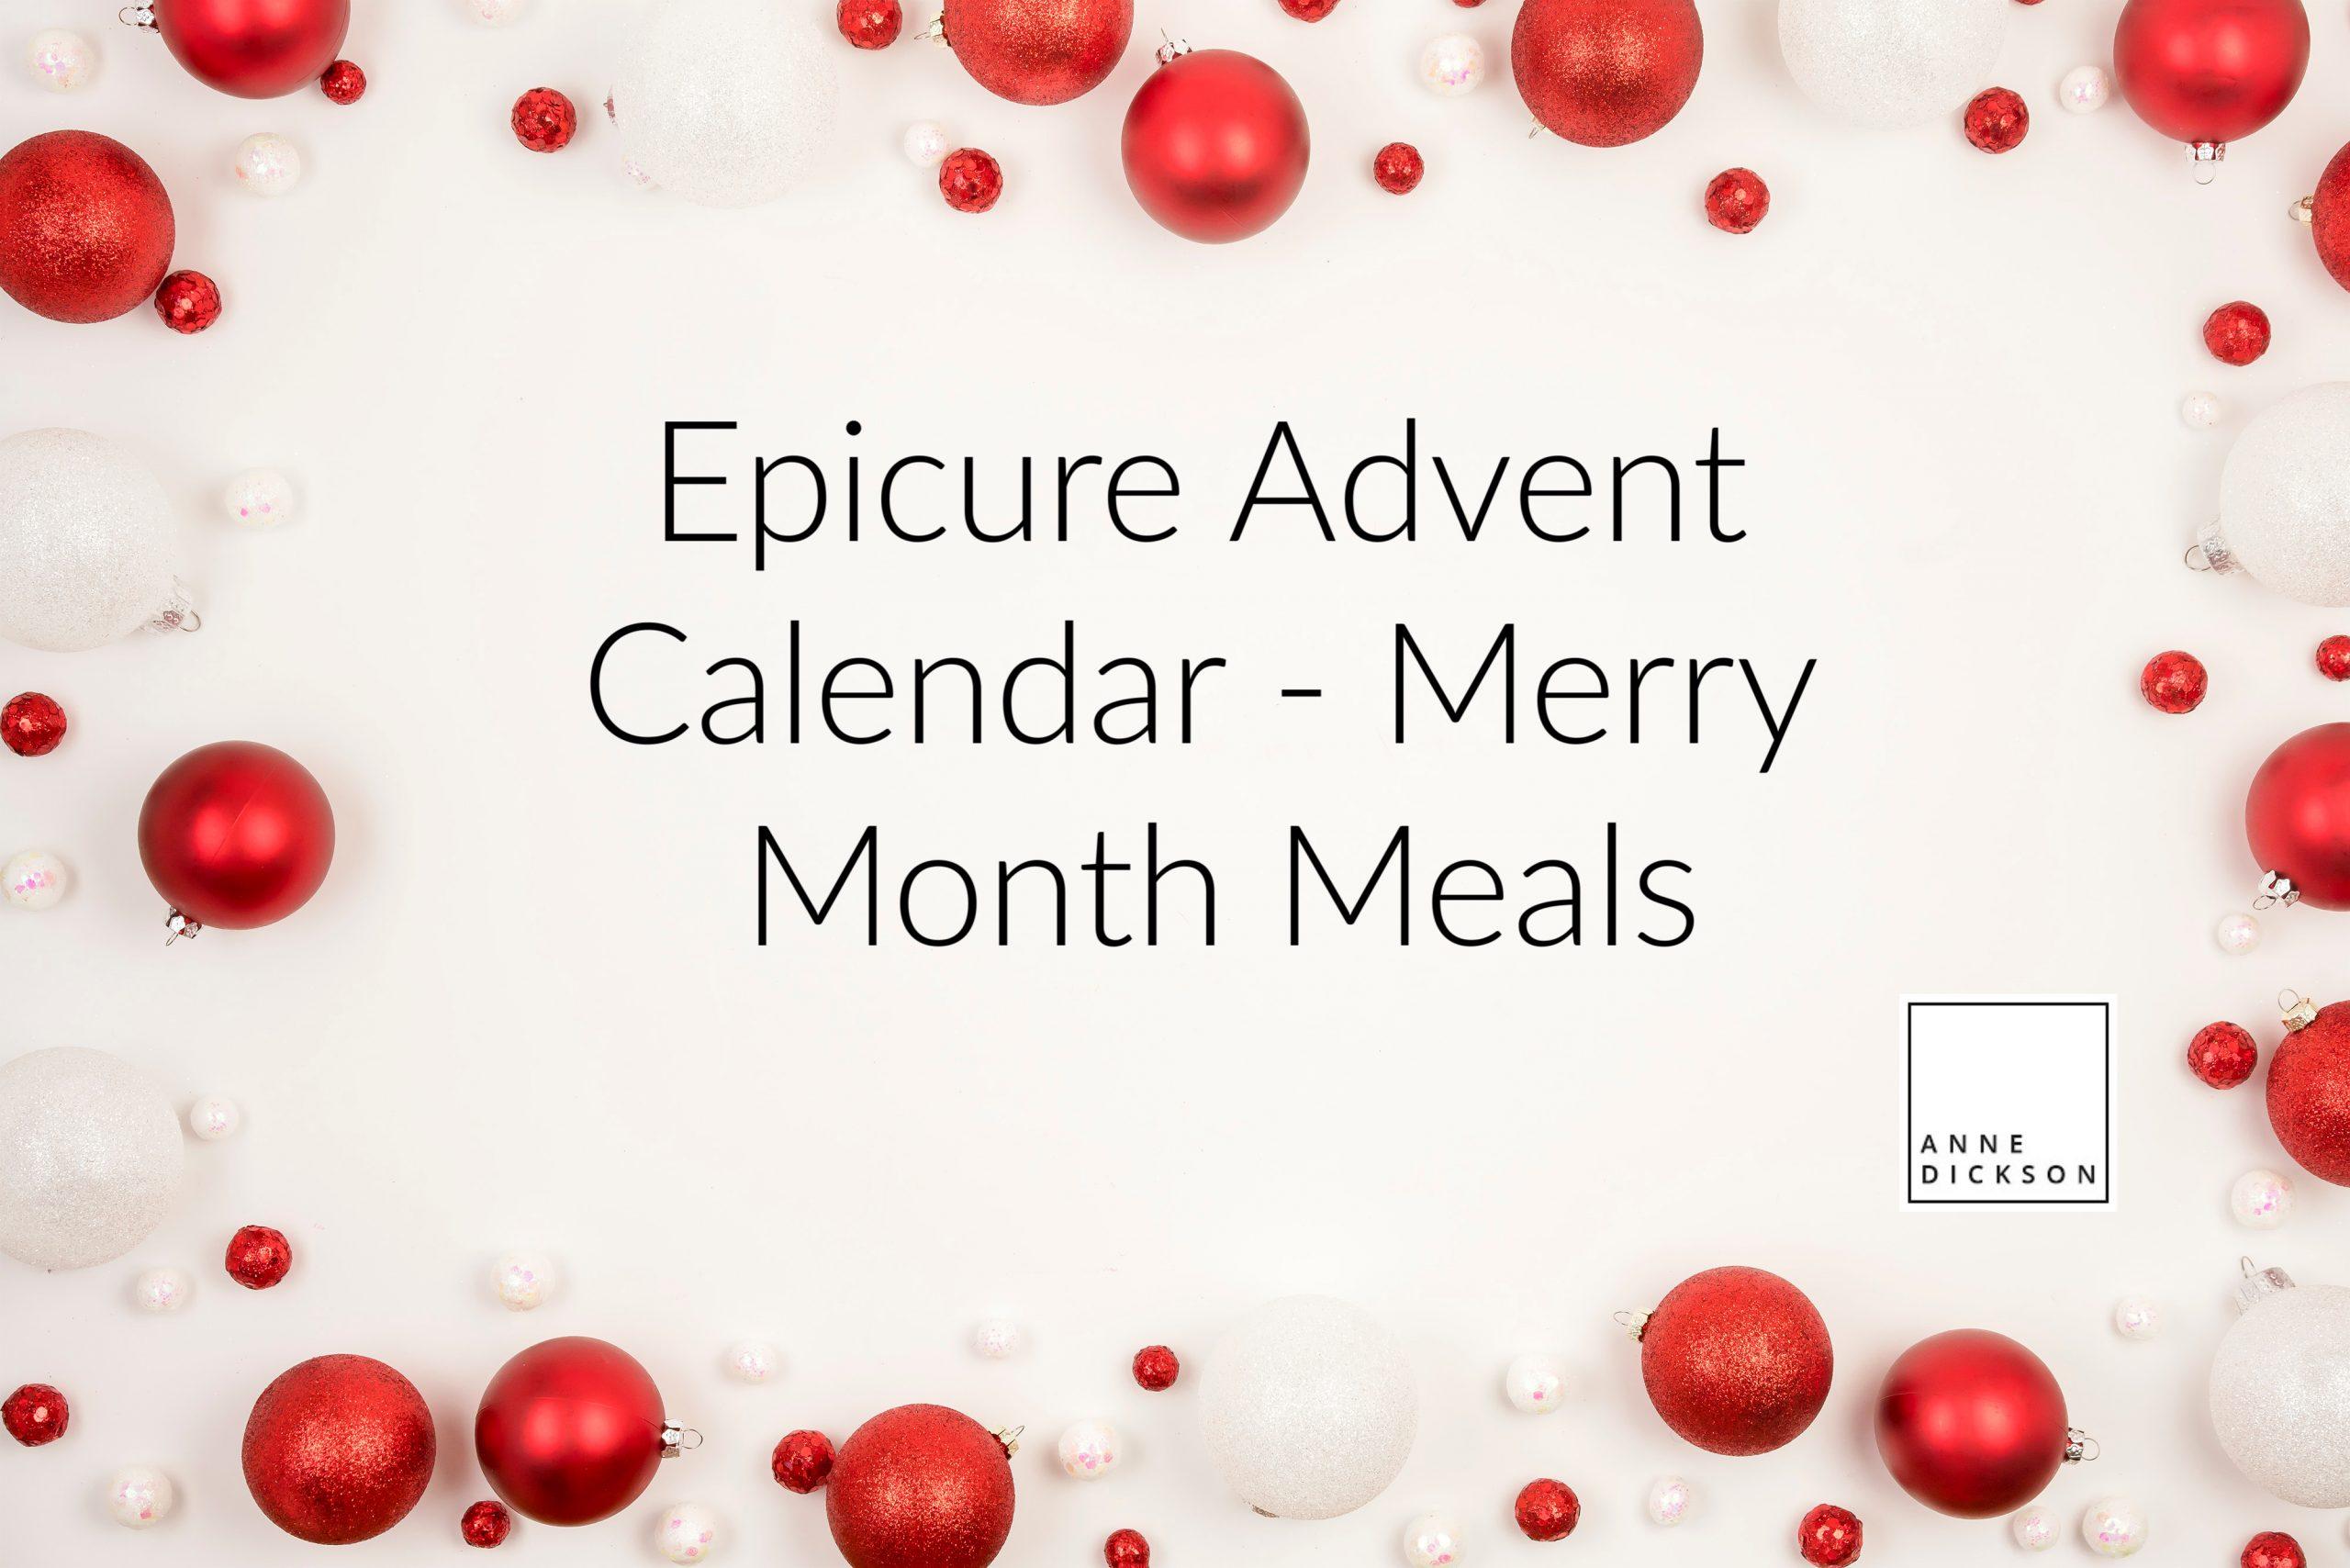 Epicure Advent Calendar – Merry Month Meals